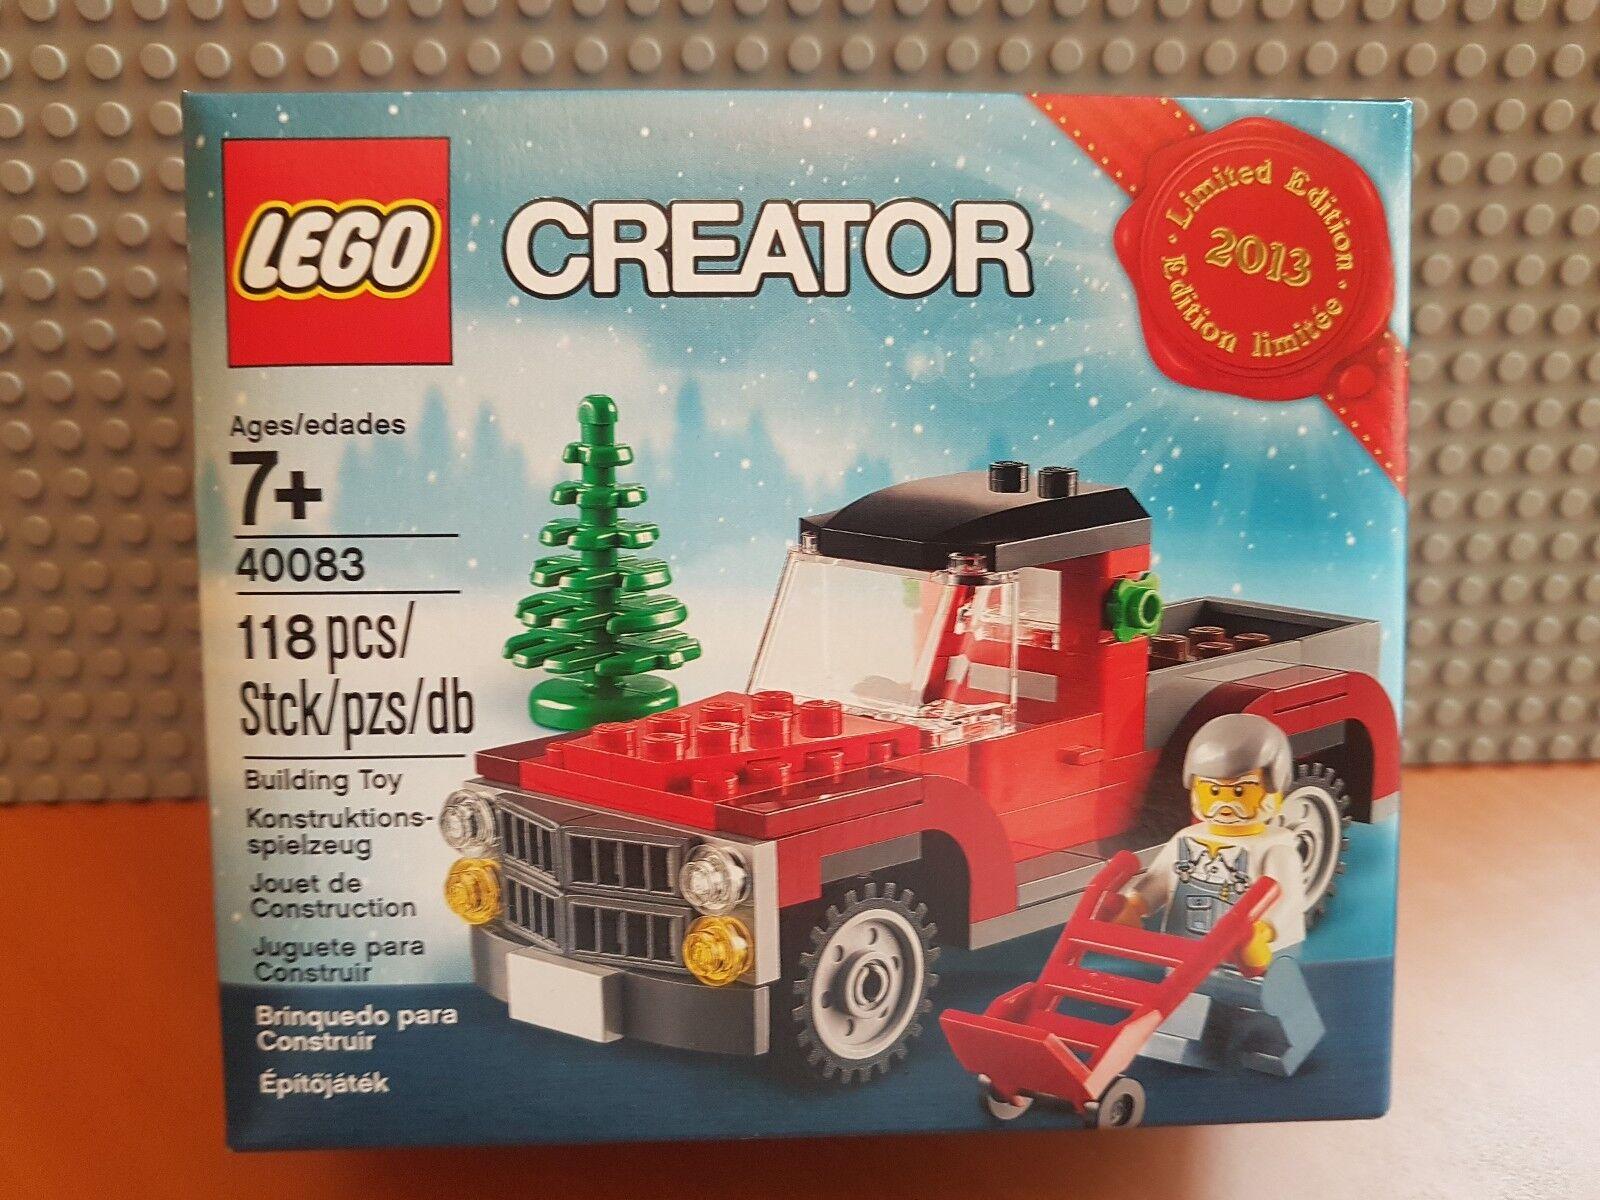 LEGO CREATOR/40083/Ltd Edition/2013 vacanze LEGO Store/Albero di Natale CAMION ✔ NUOVO CON SCATOLA